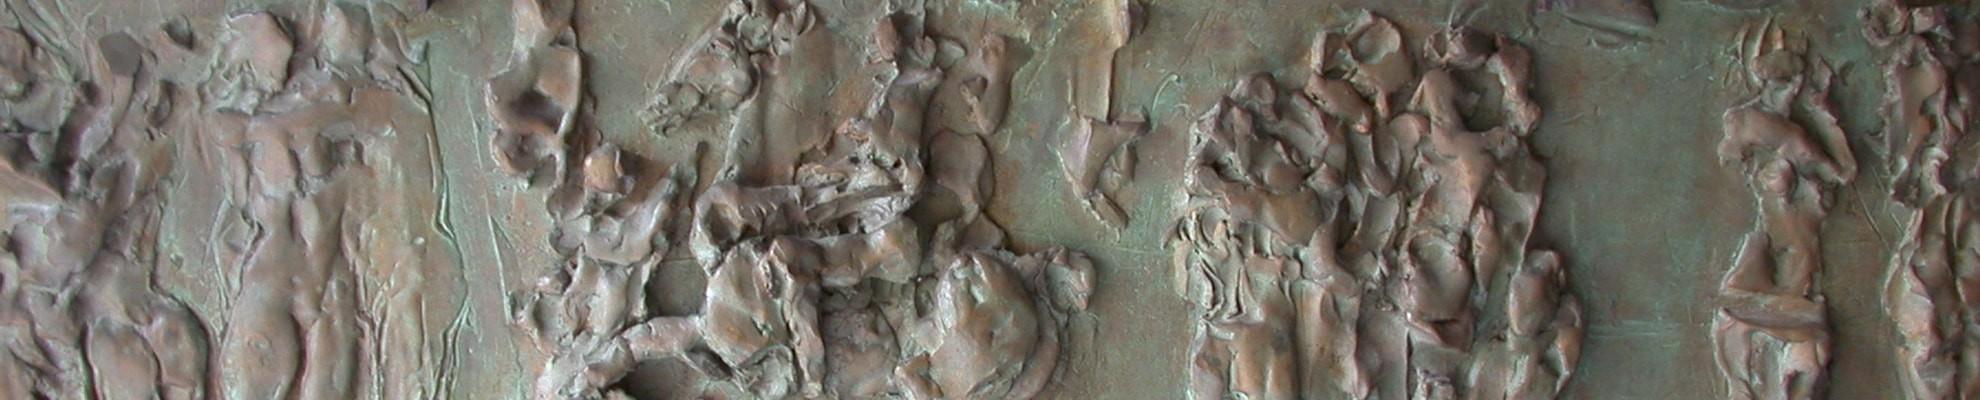 Lorenzo Cascio's sculptures